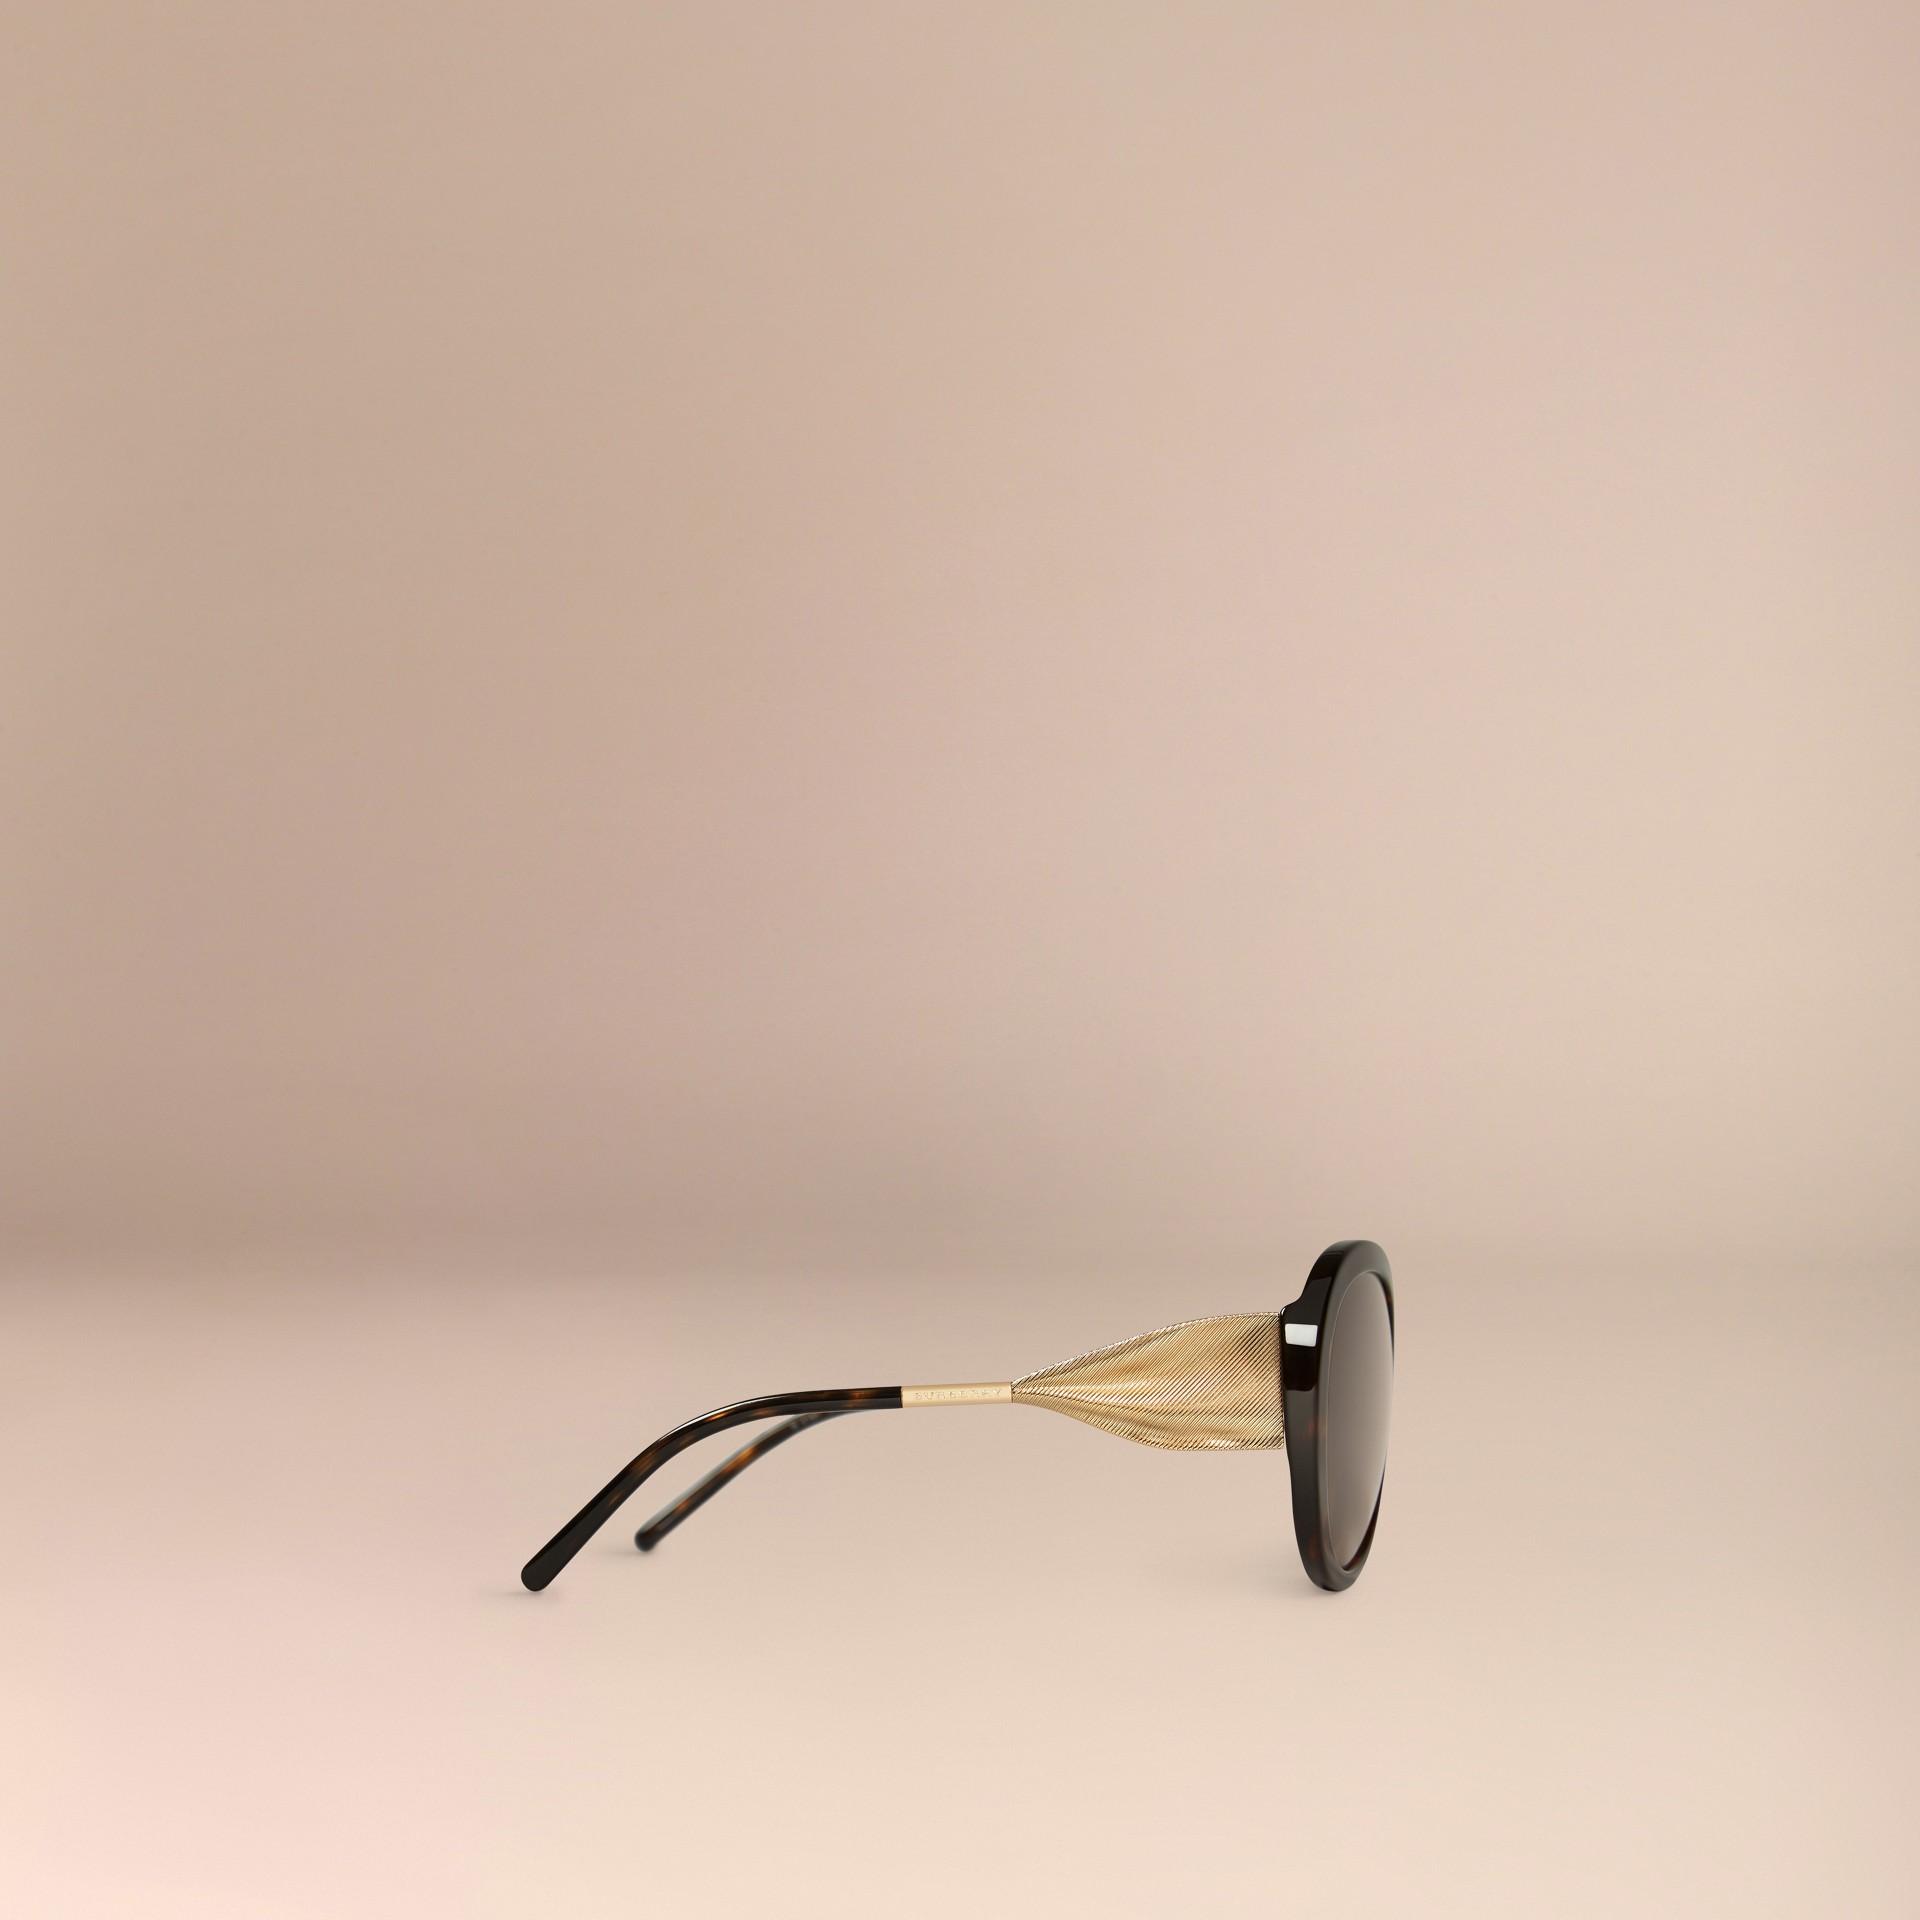 Ebony Gabardine Collection Oversize Round Frame Sunglasses Ebony - gallery image 5